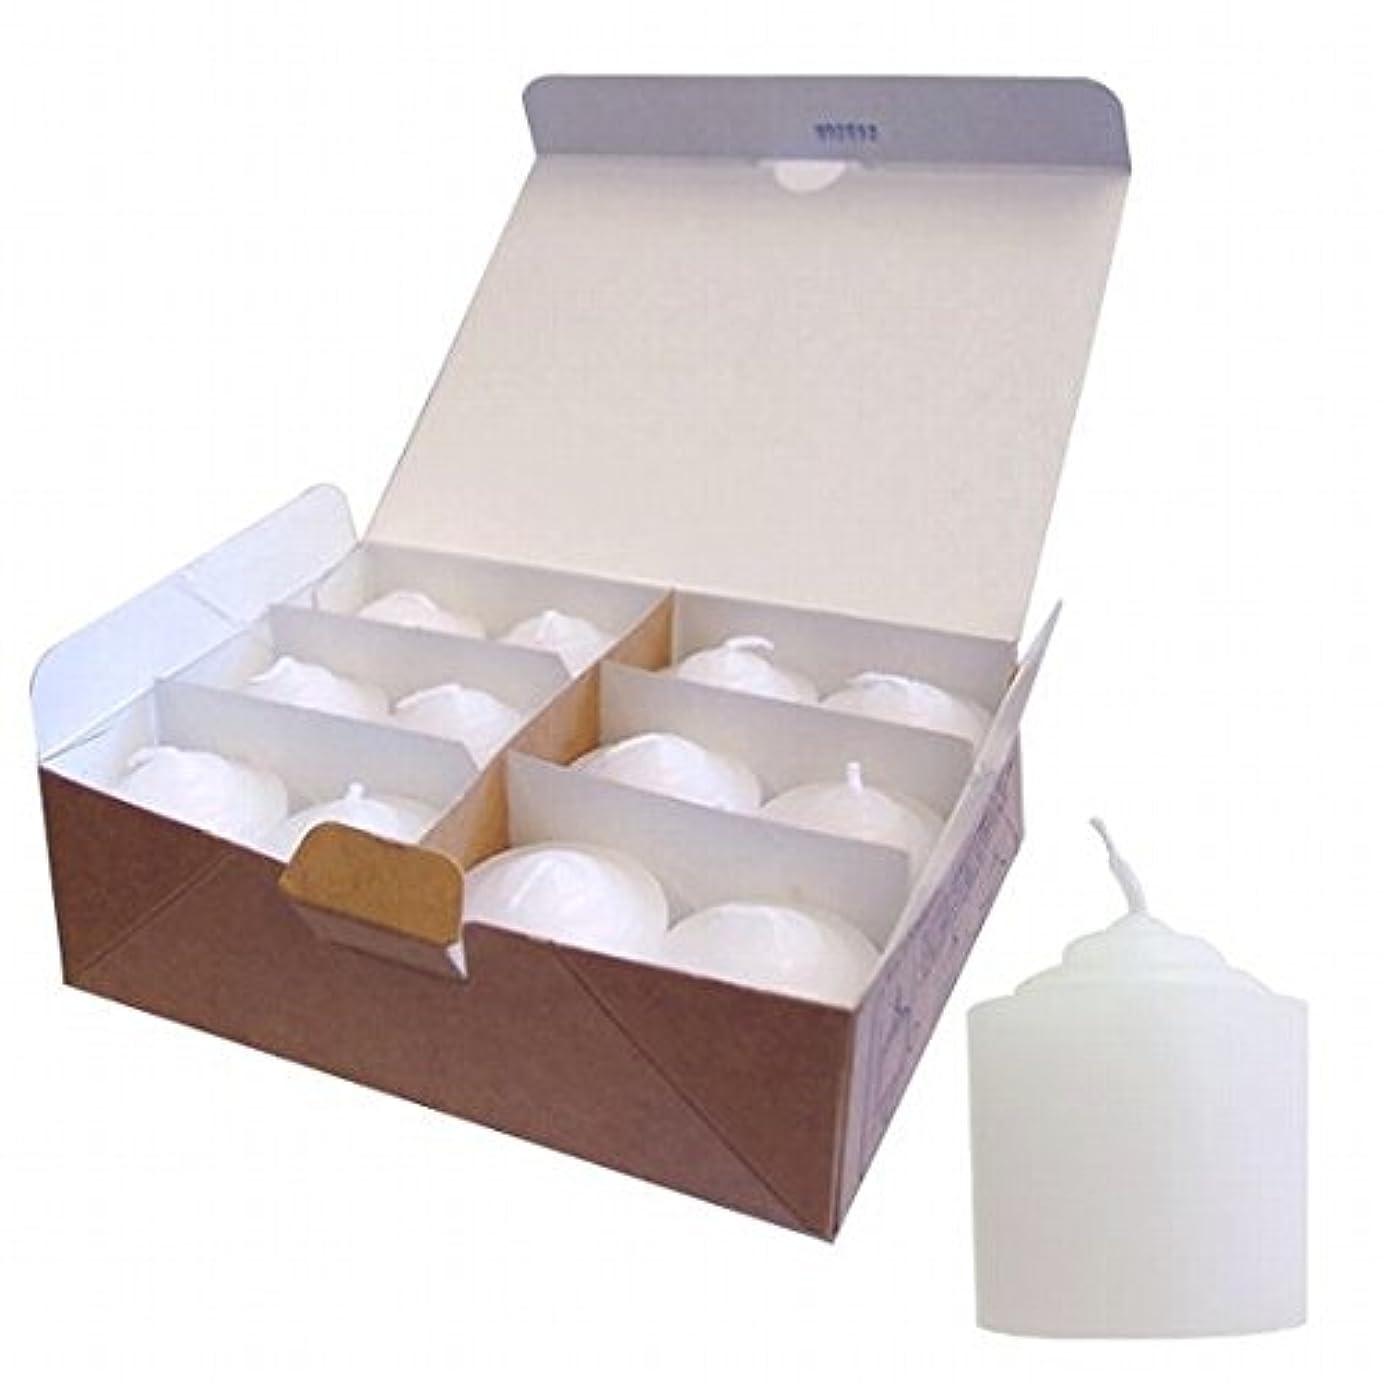 姓誠実さ定期的なカメヤマキャンドル( kameyama candle ) 8Hライト(8時間タイプ)12個入り